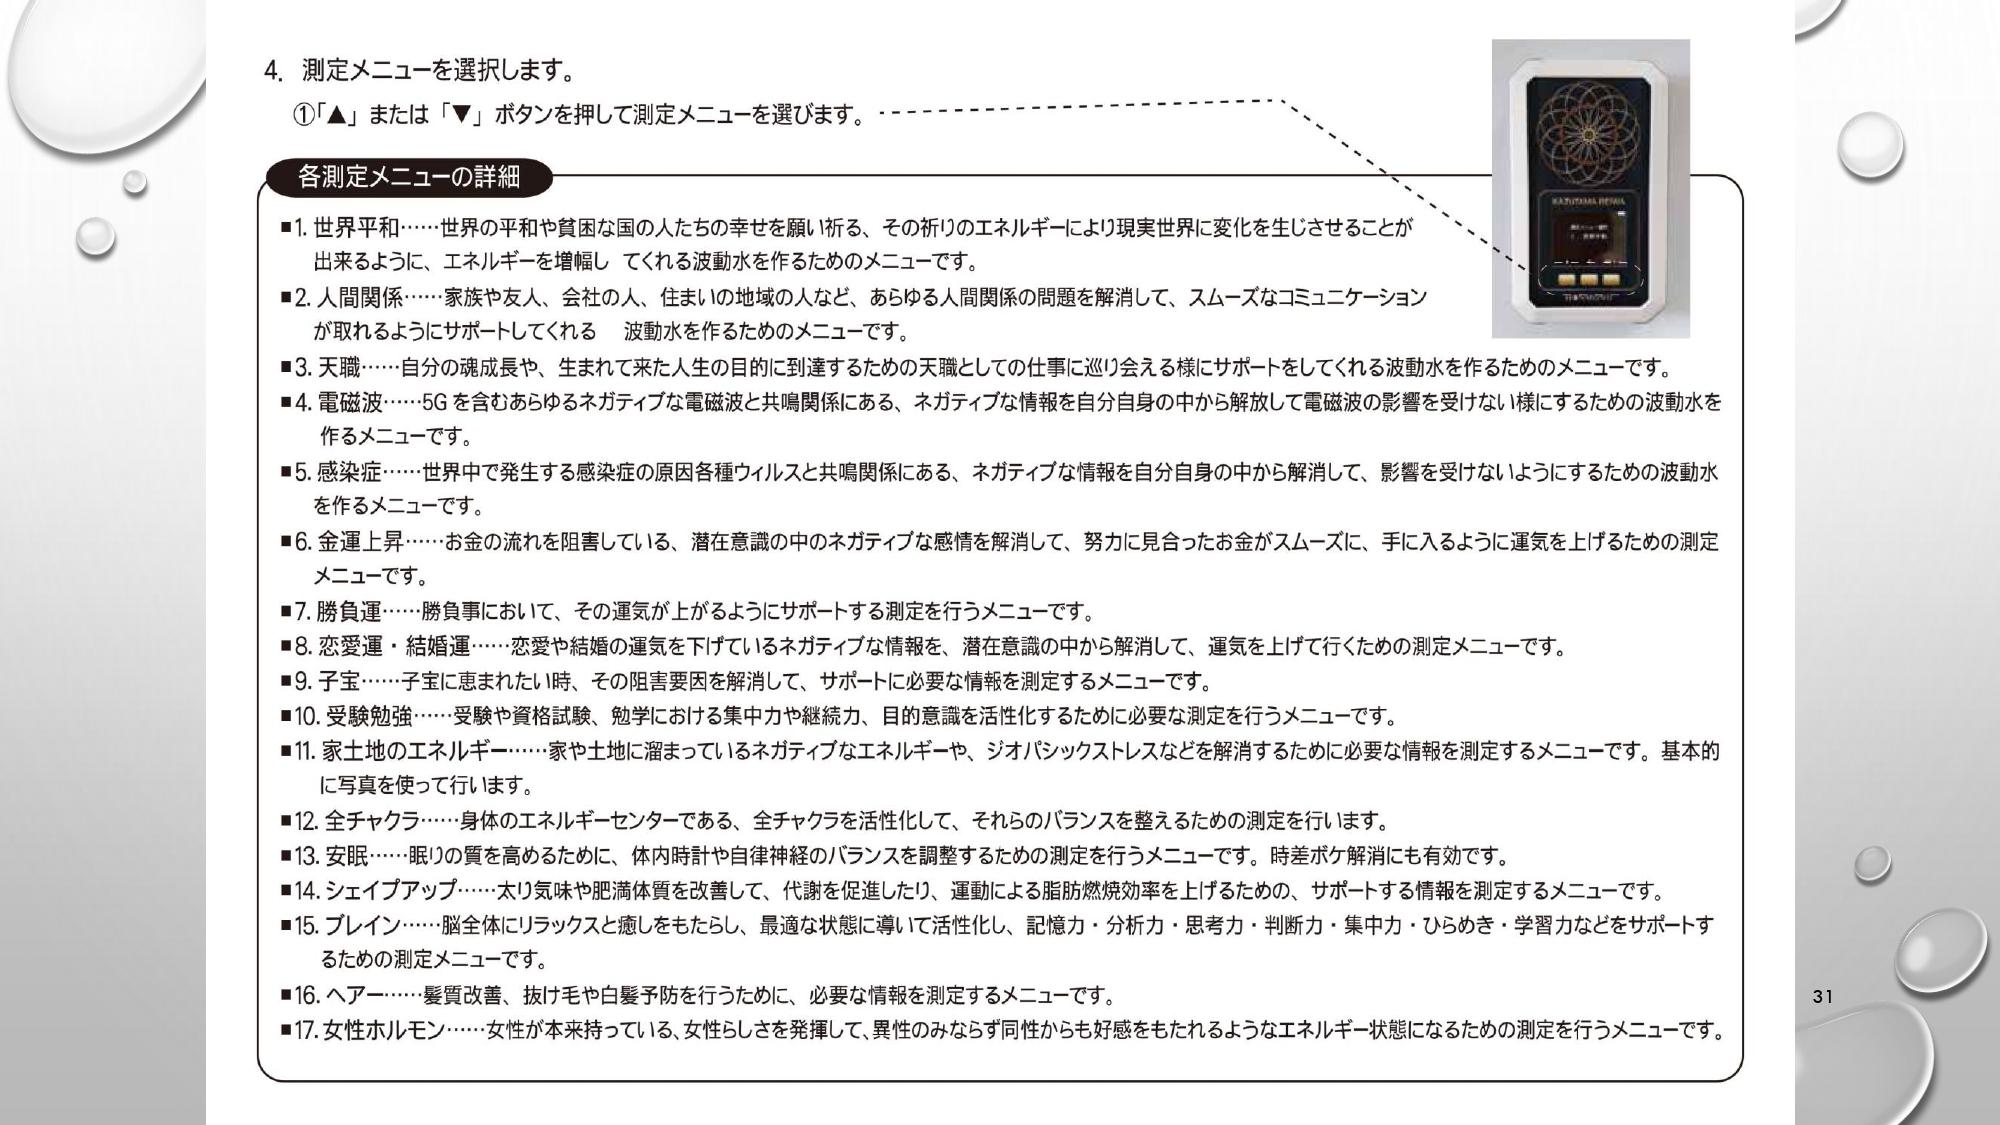 2020年数霊セラピーシステムREIWA資料-1_page-0031